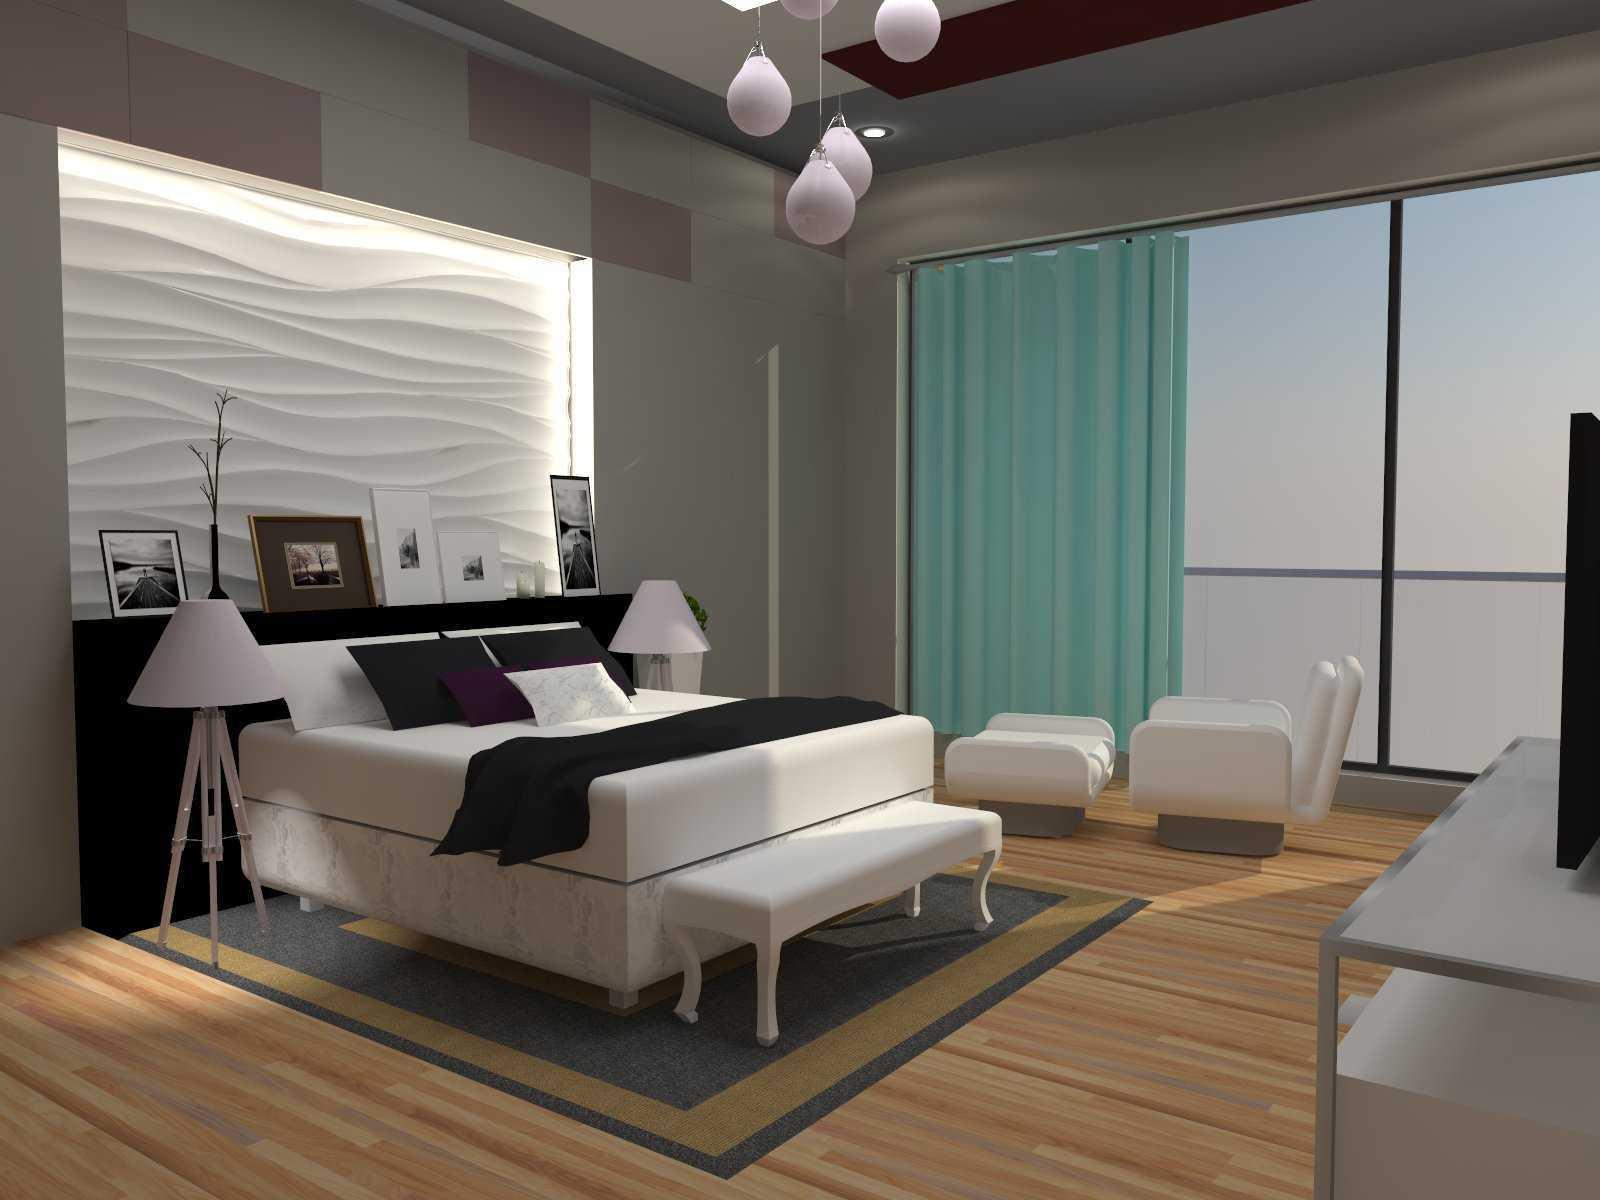 Himmatul Asyrofah Housing Ancol Barat, Jakarta Ancol Barat, Jakarta Master-Bedroom-2 Modern  13255